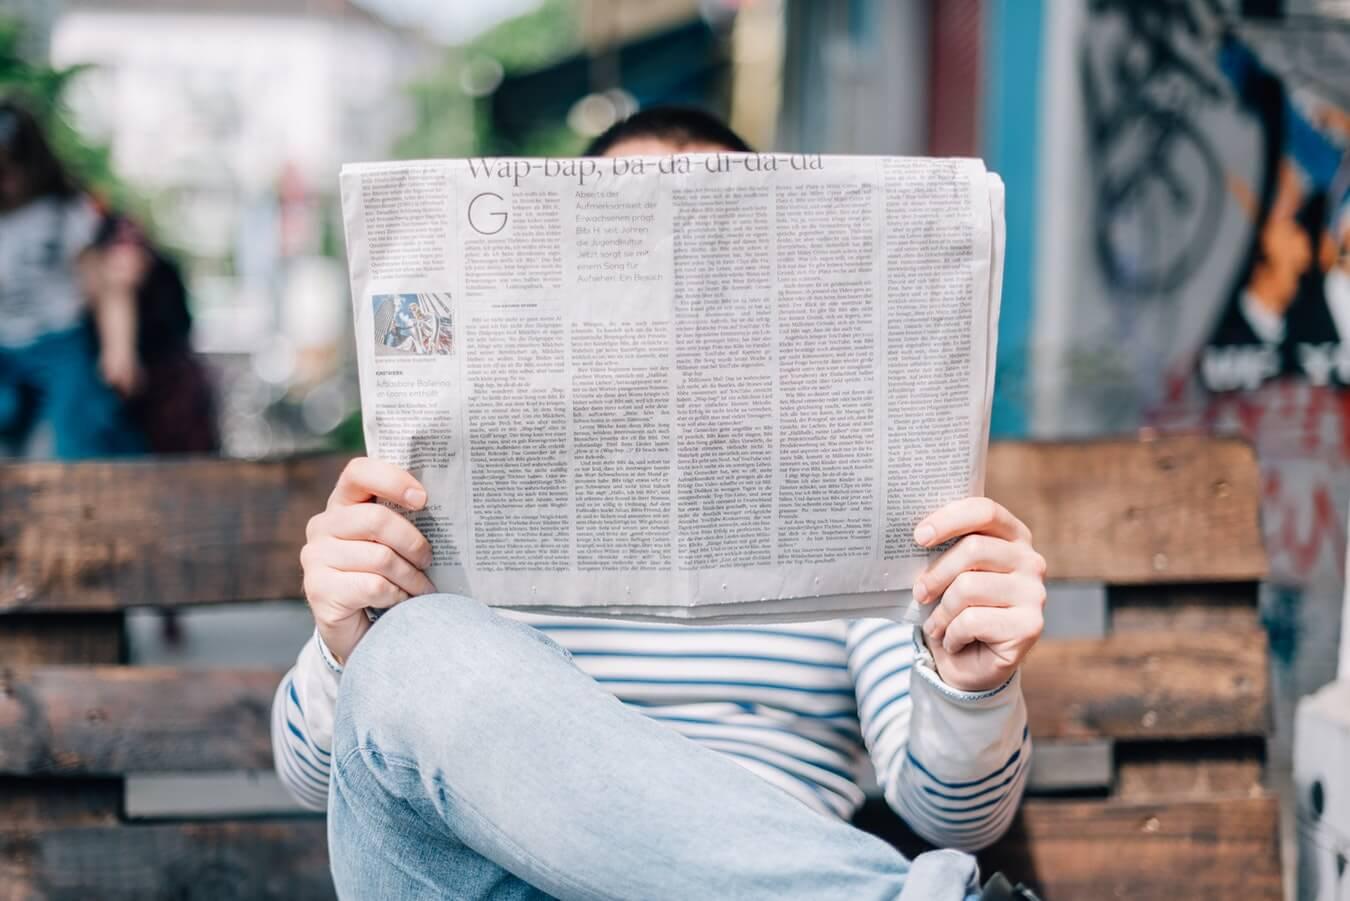 pessoa lendo jornal